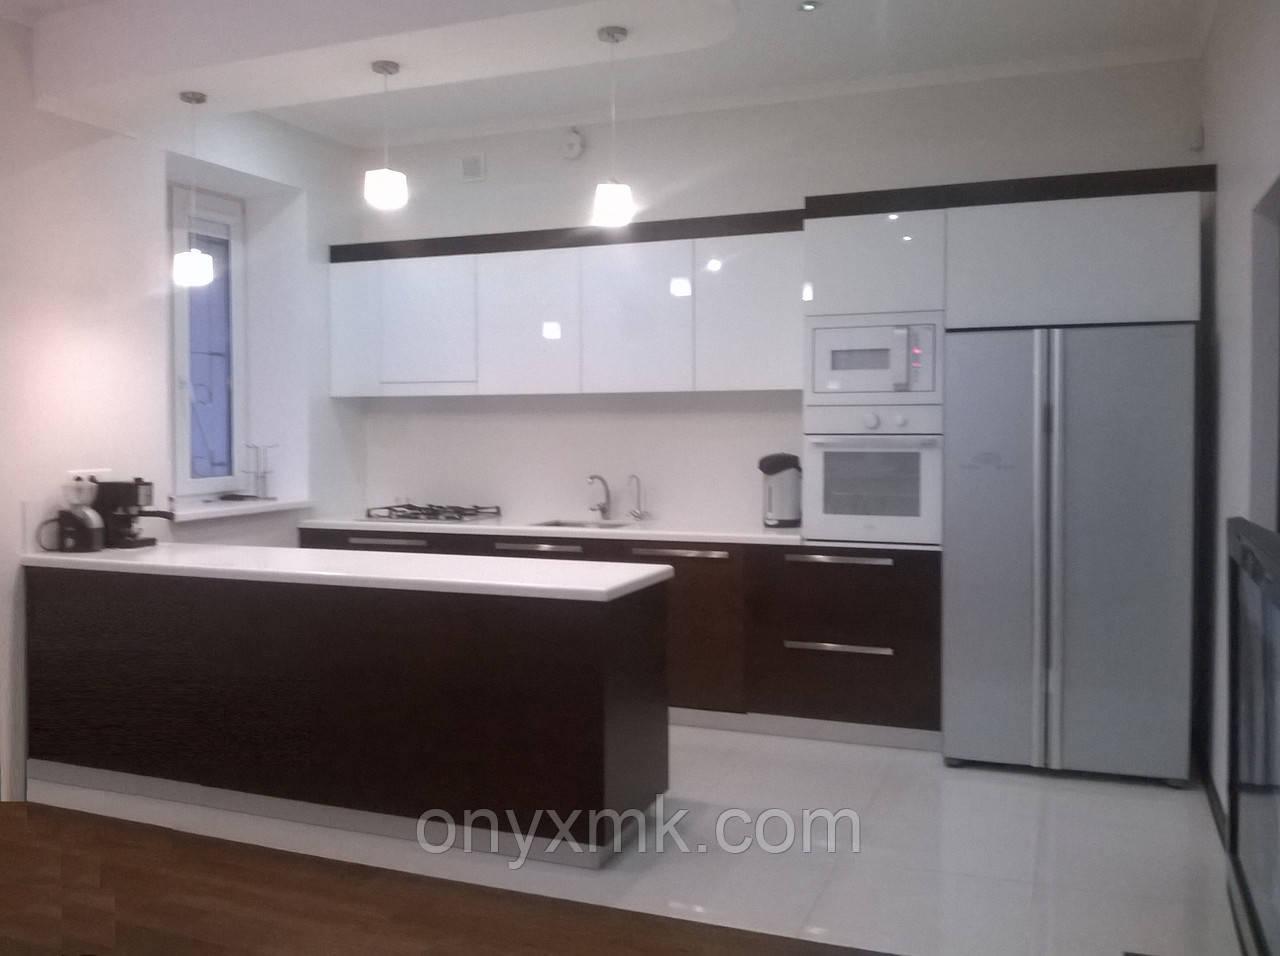 """Кухня с островом в частном доме """"дерево и стекло"""", фото 1"""